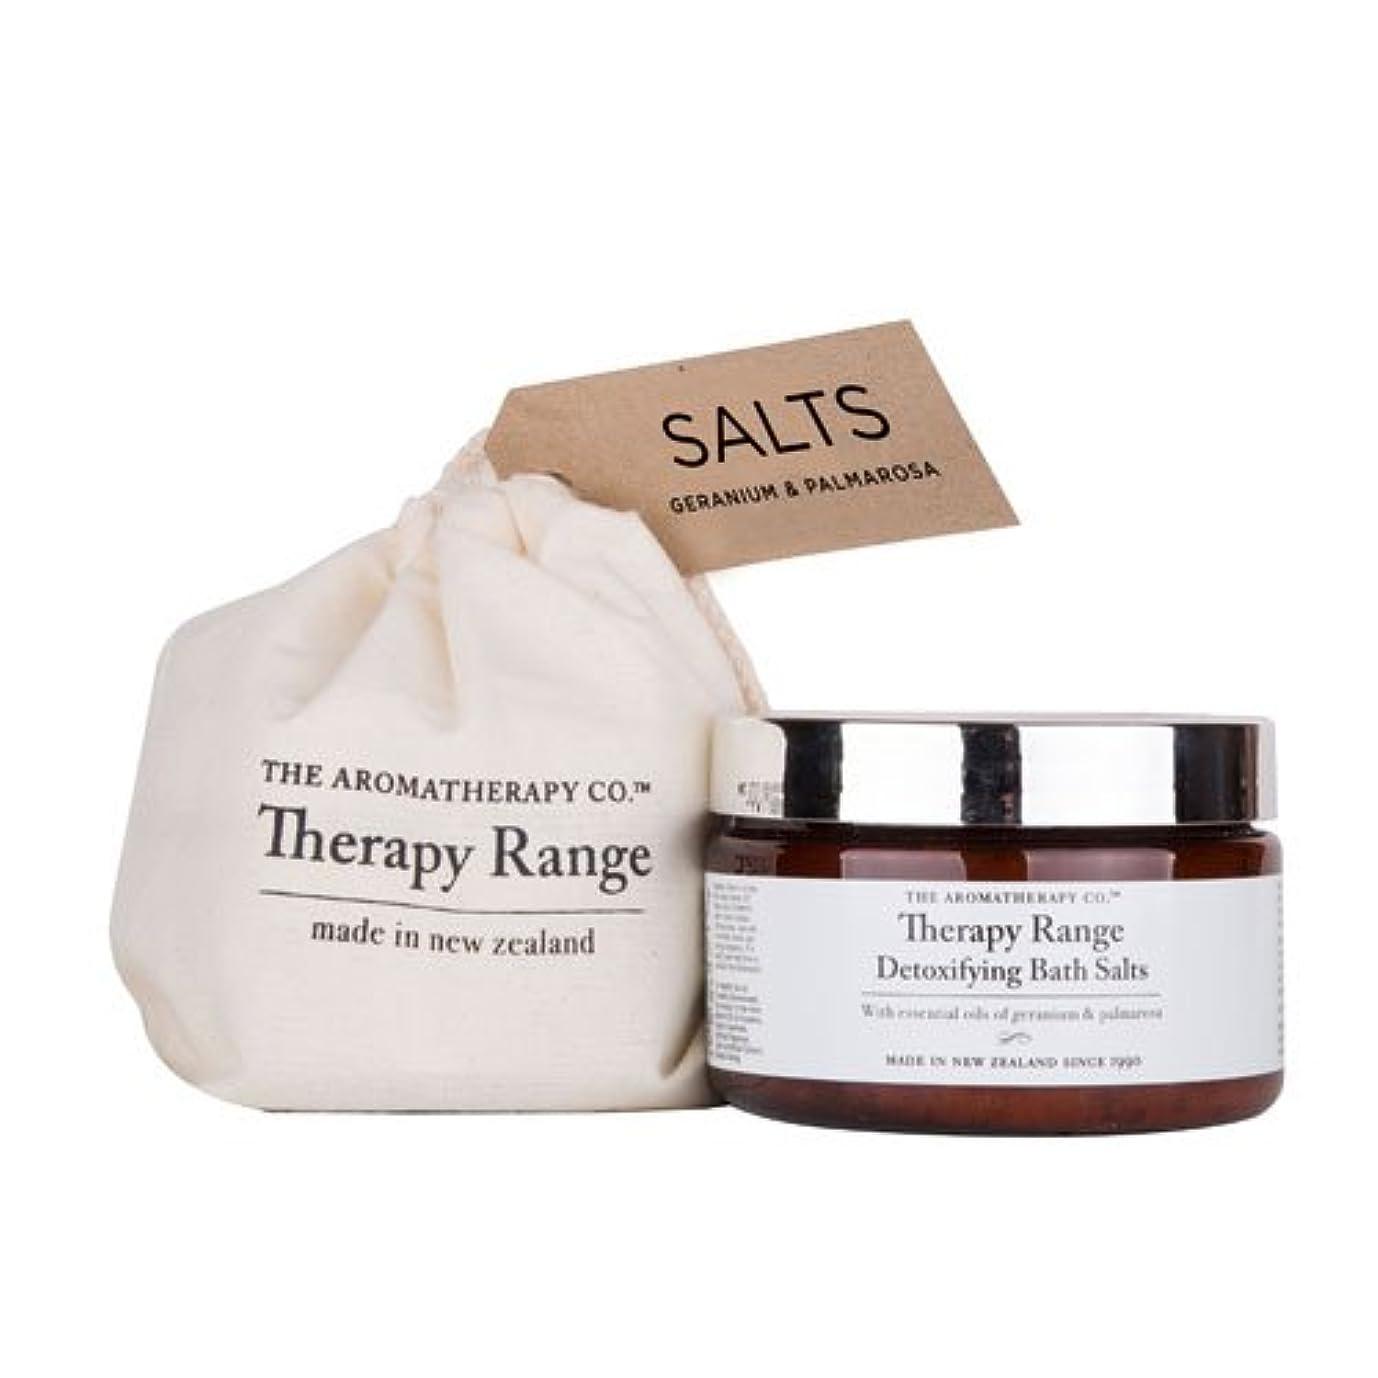 塩辛い蘇生する詩人Therapy Range セラピーレンジ Bath Salt バスソルト